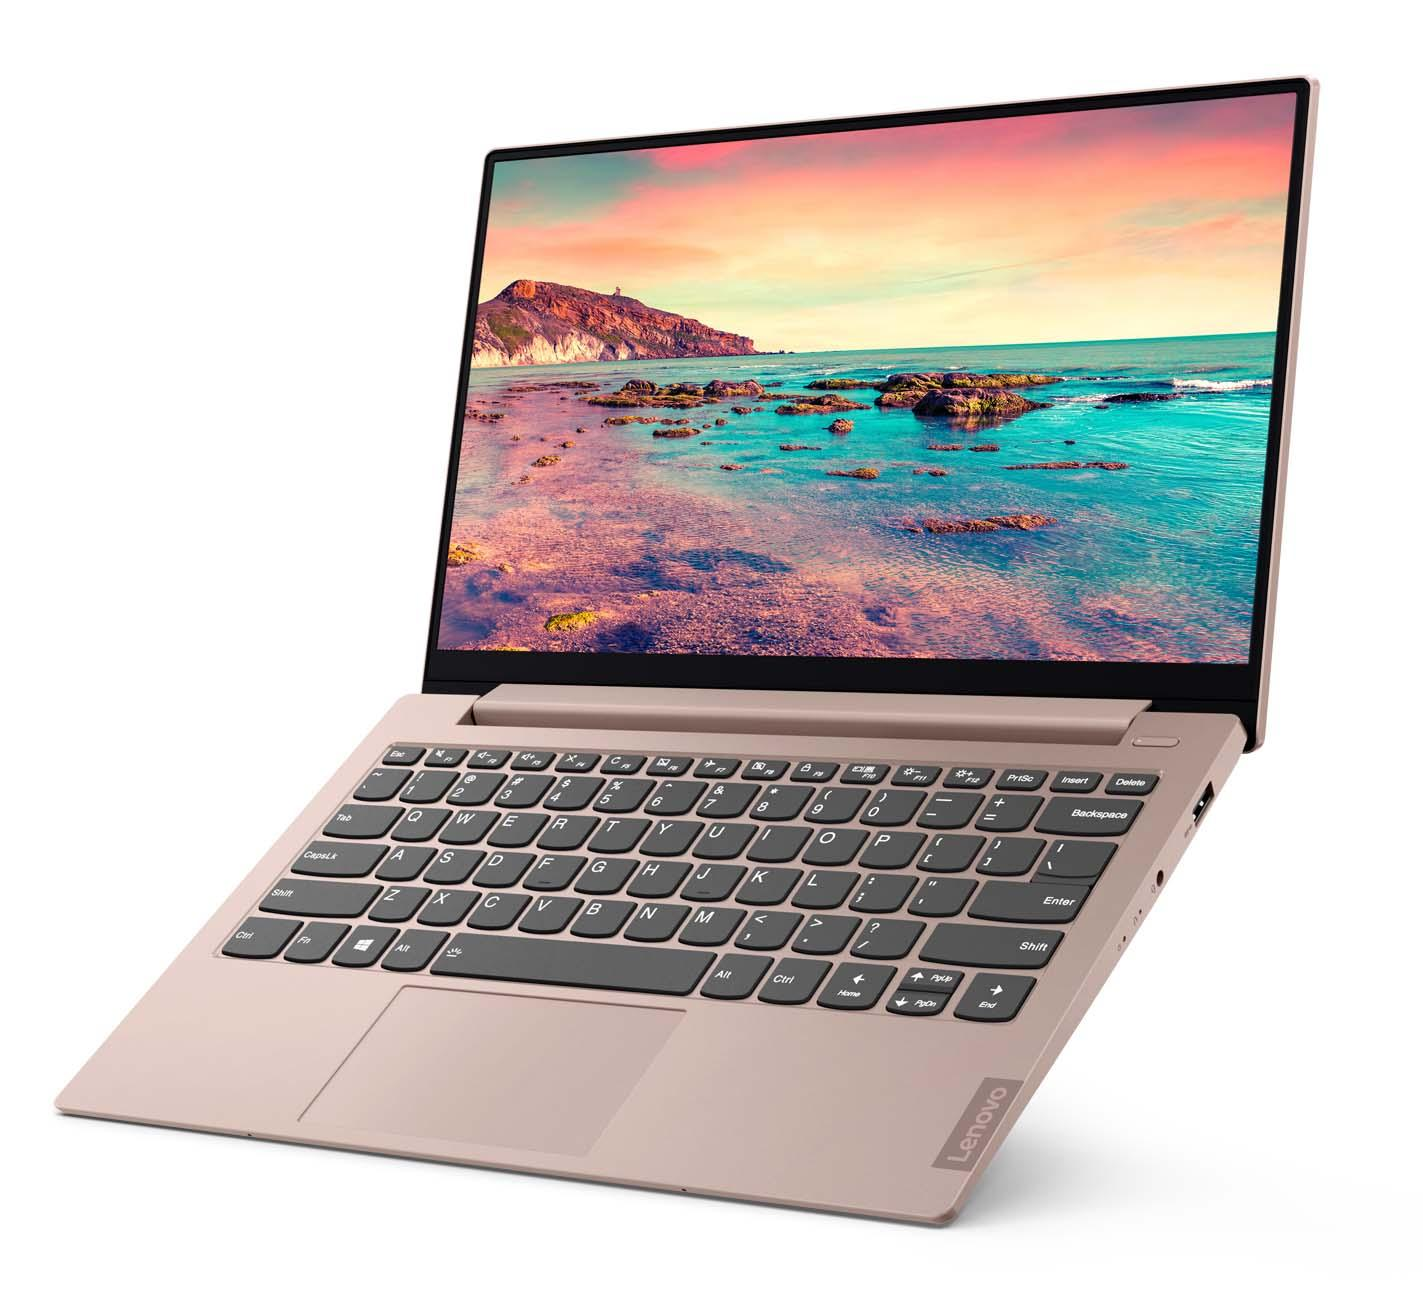 6 недорогих ноутбуков для работы актуальных в2020 году